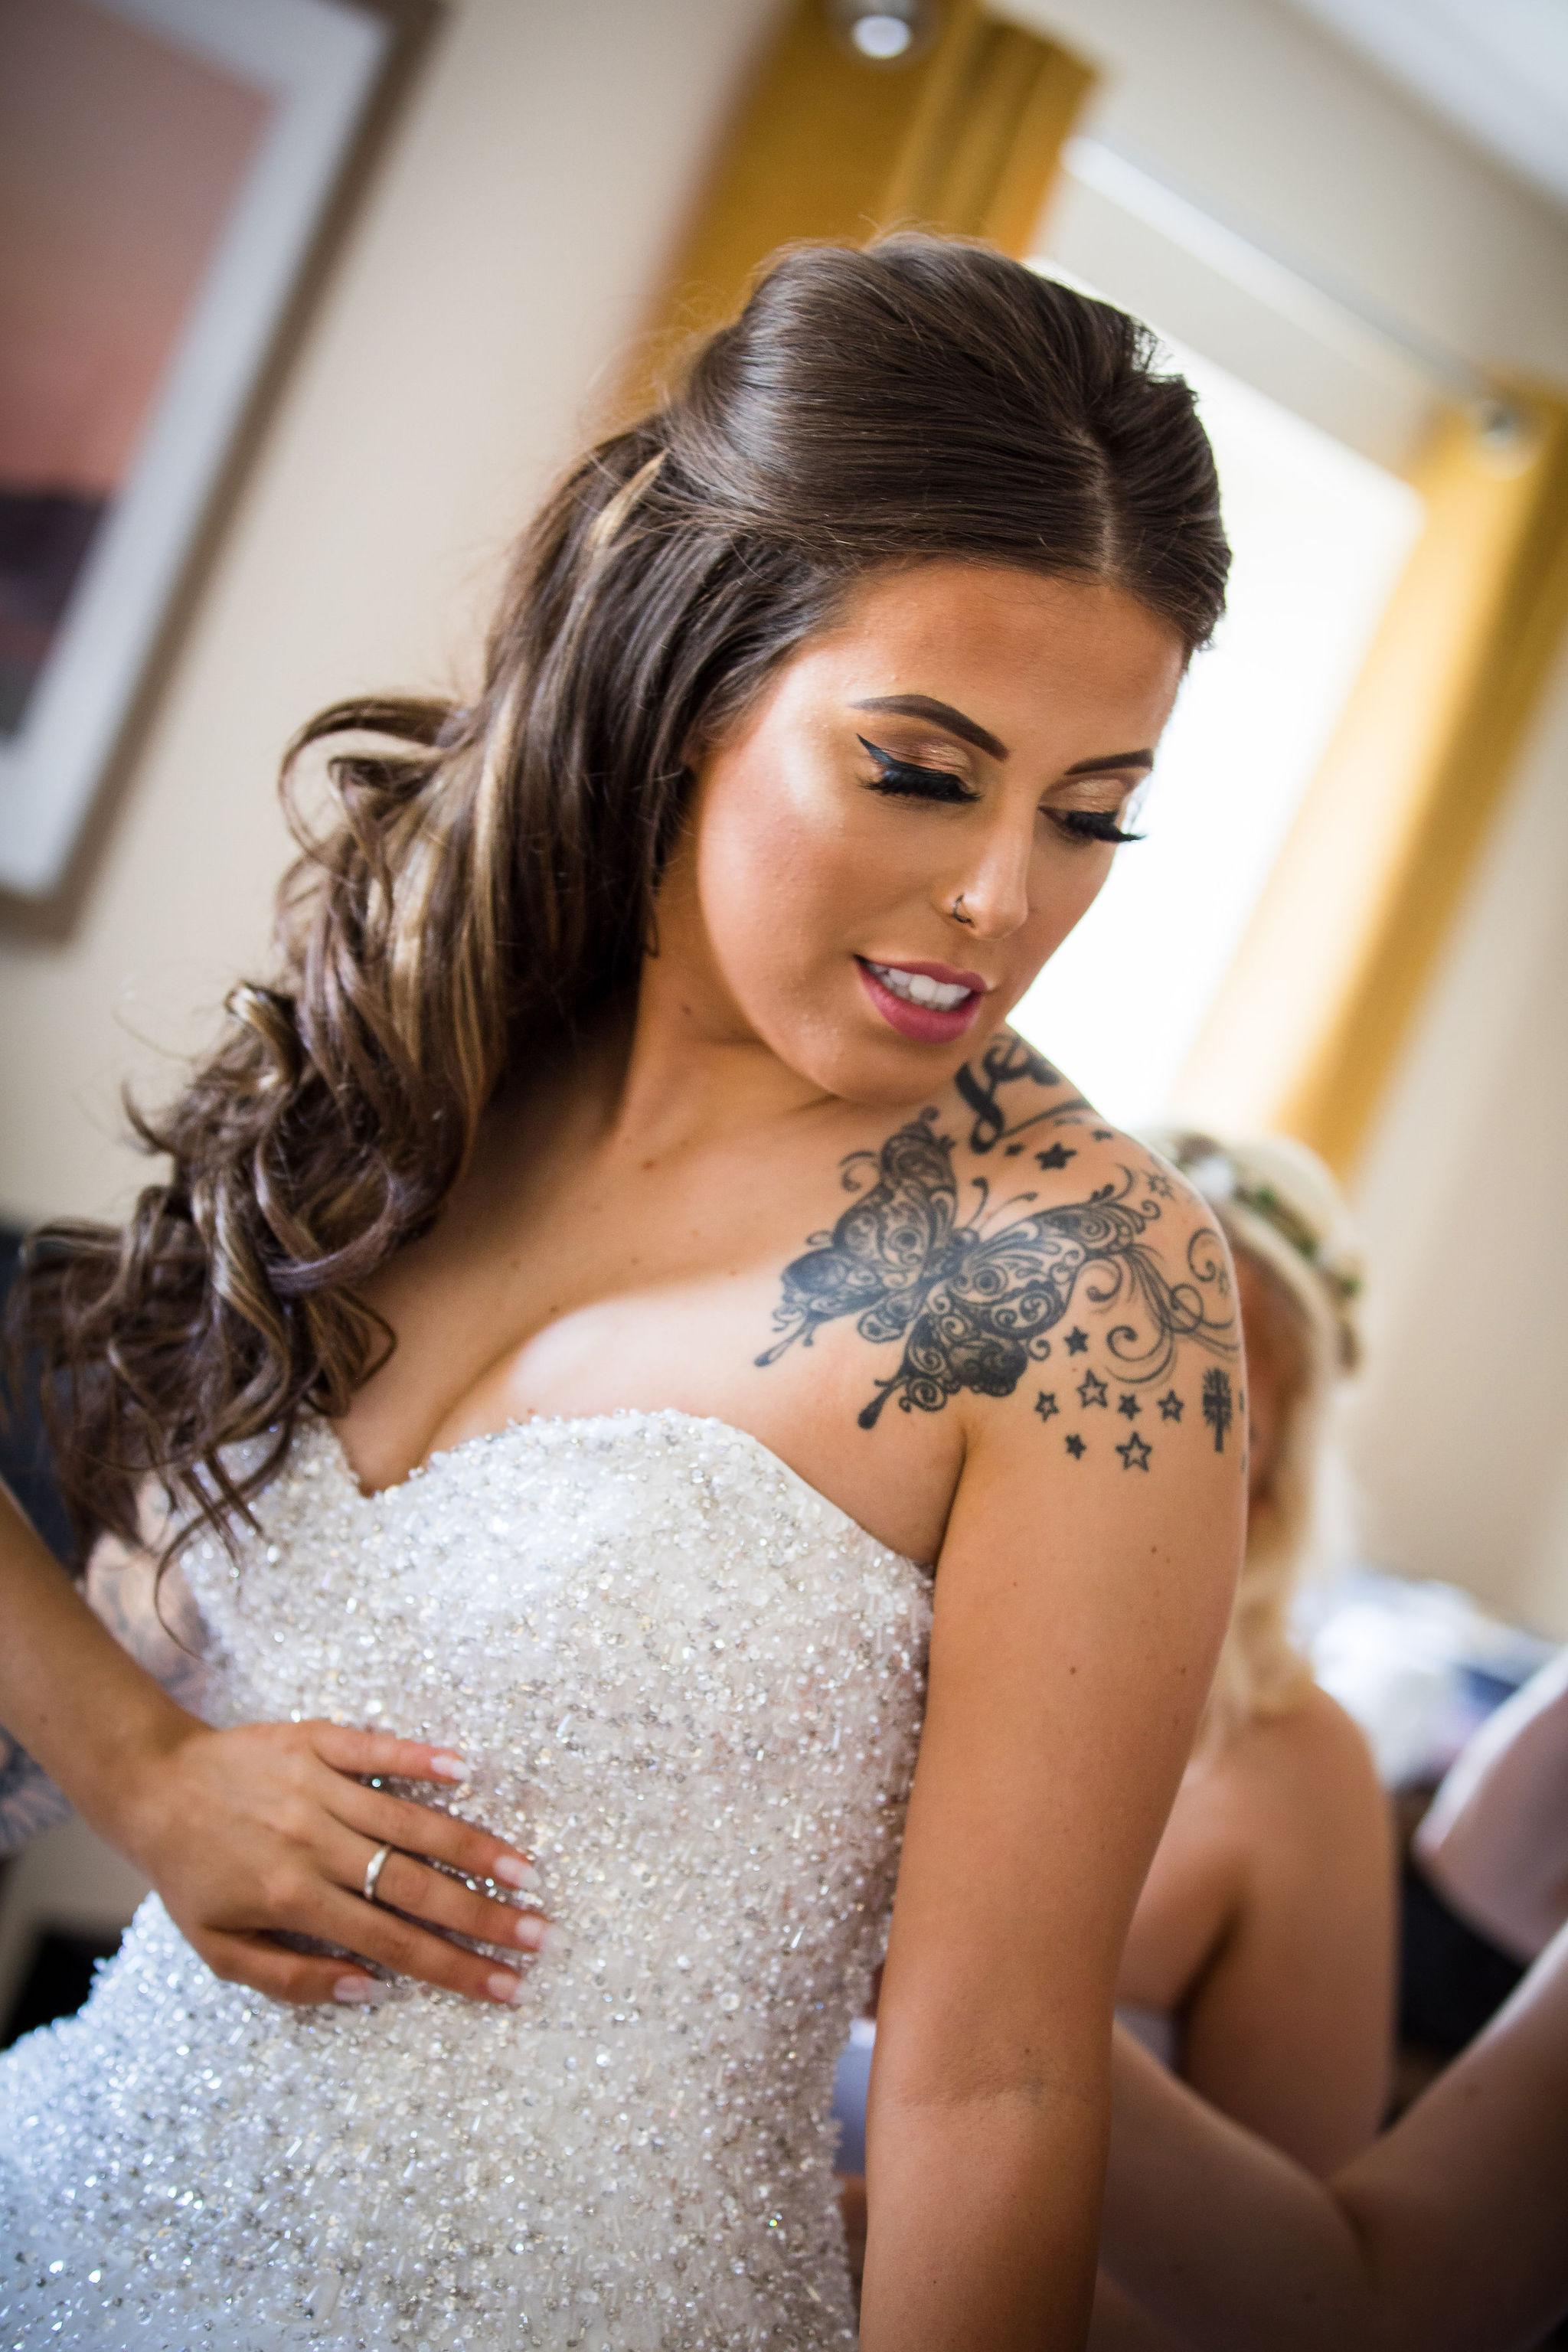 Harriet&Rhys Wedding - tattooed bride getting ready